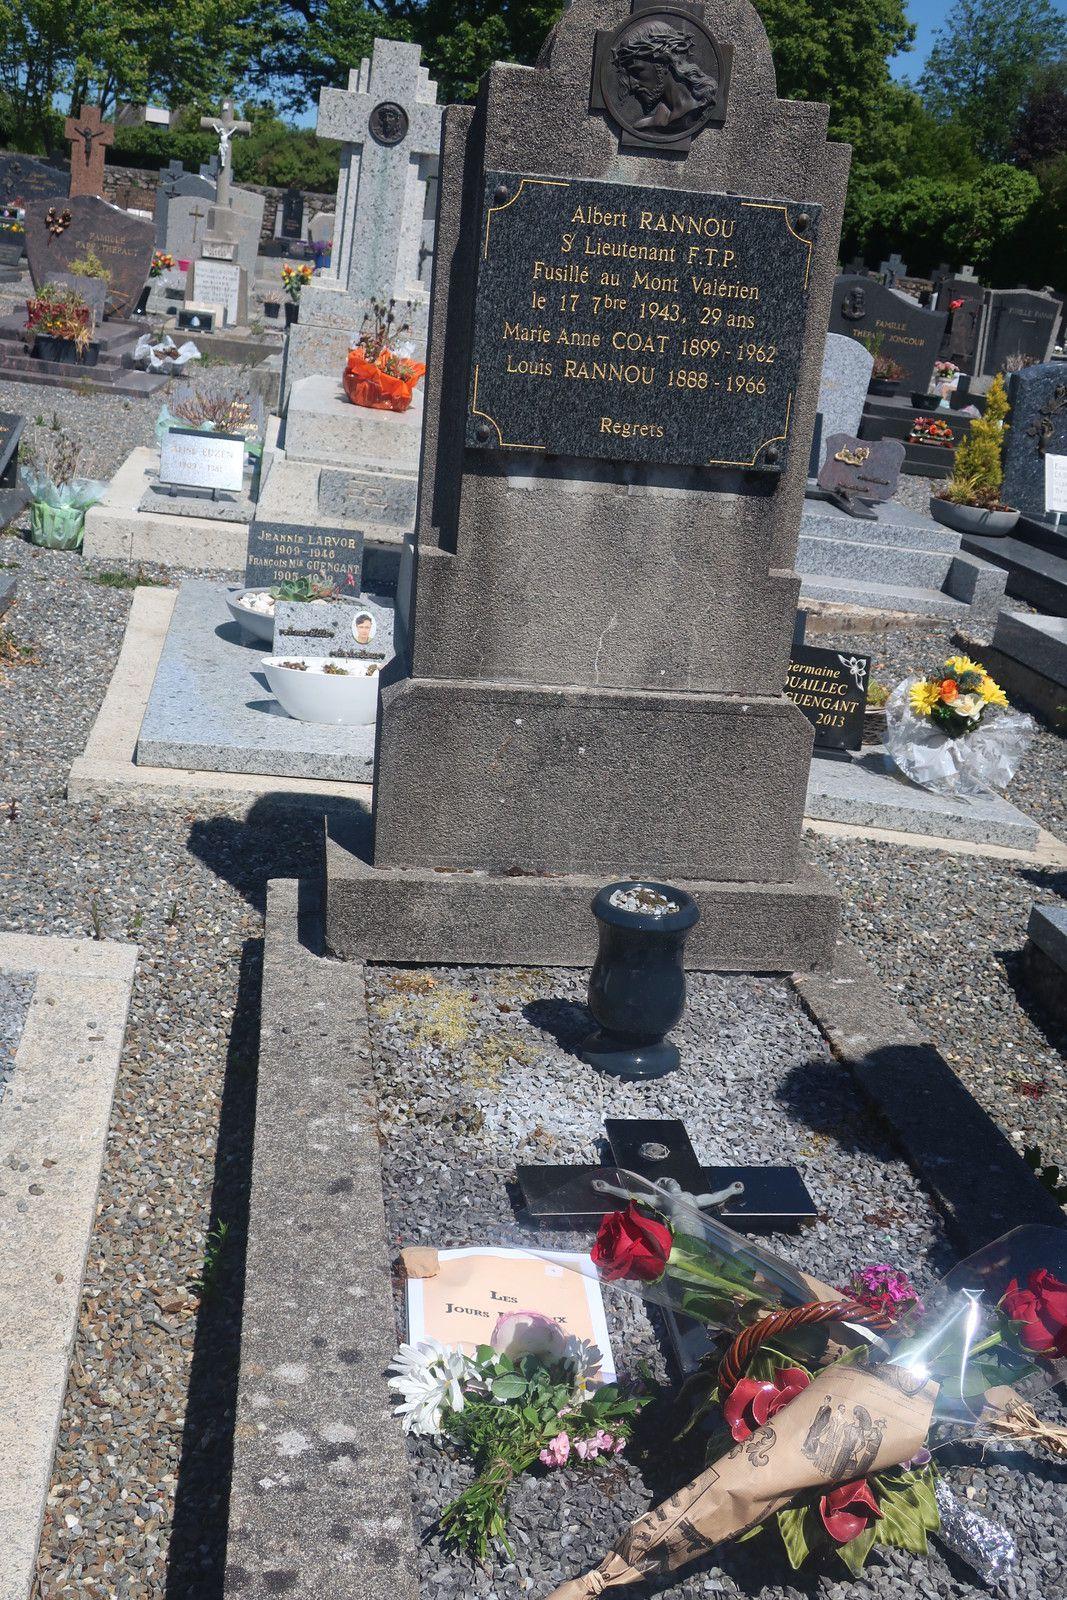 Cimetière de Guimiliau, 27 mai 2020: hommage à Albert Rannou, engagé volontaire des Brigades Internationales, résistant communiste finistérien exécuté par les Allemands au Mont Valérien le 17 septembre 1943